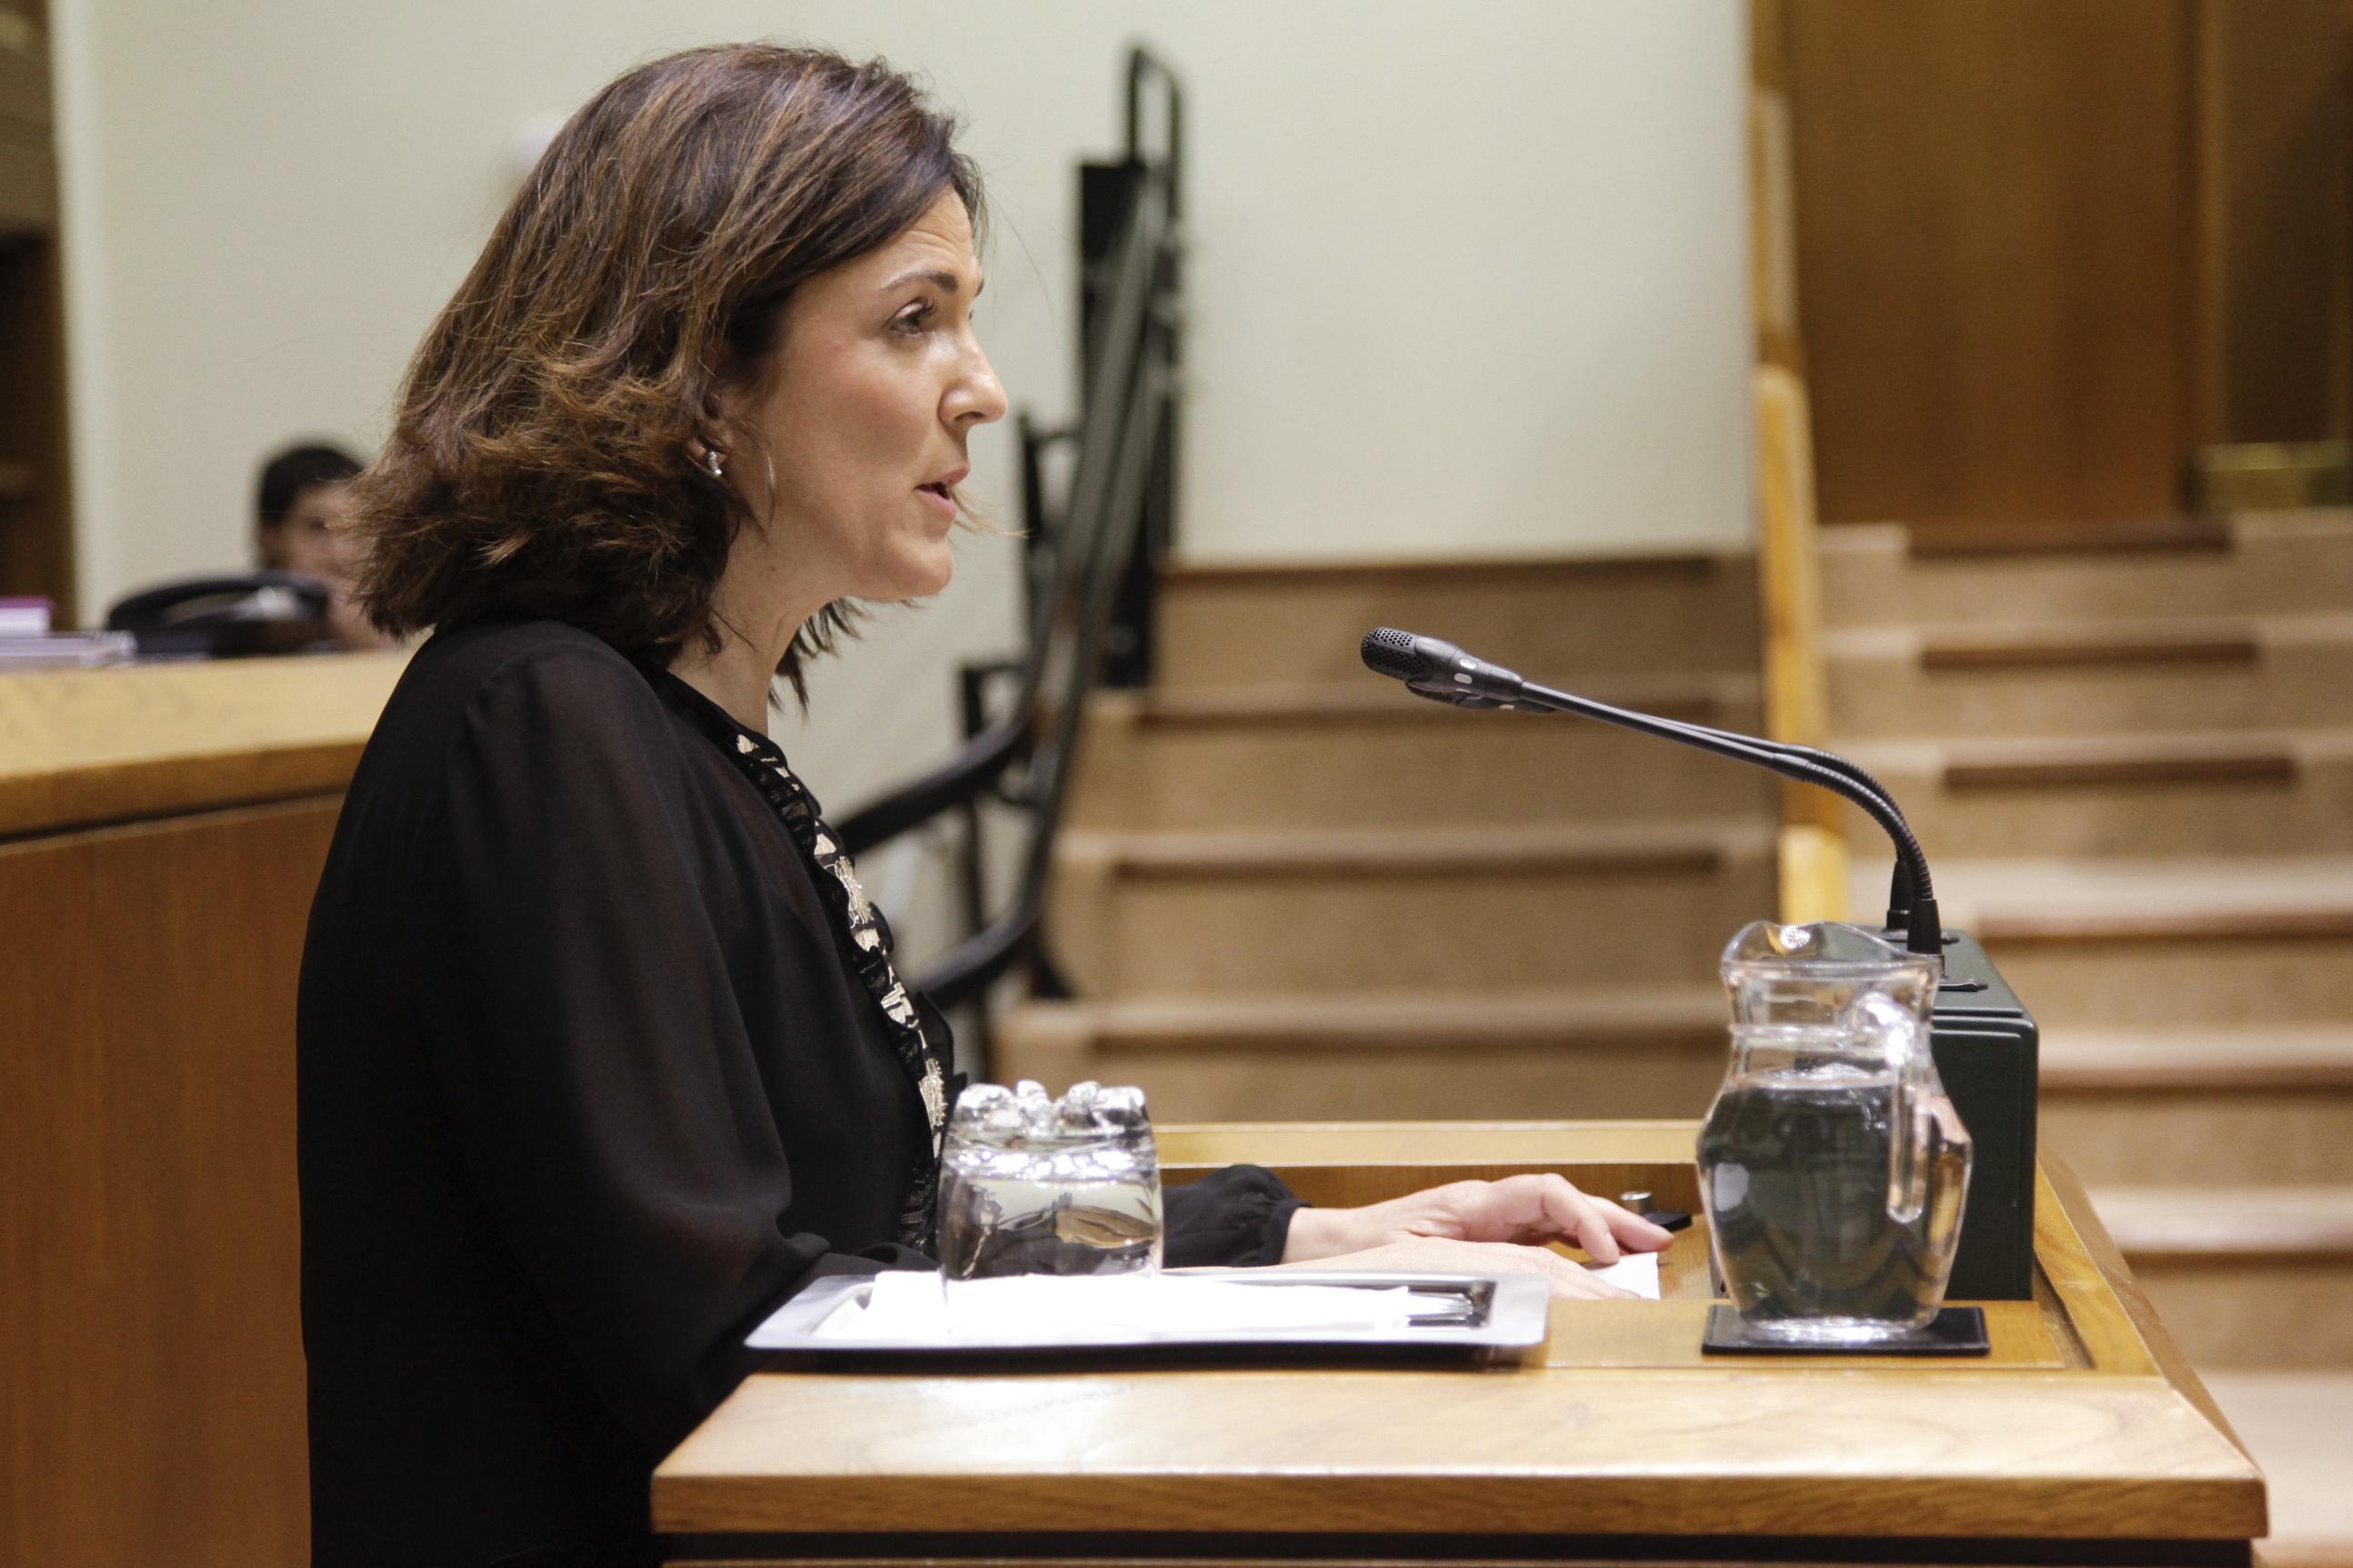 """Artolazabal: """"el apoyo a la familia es un objetivo prioritario del Gobierno Vasco ya que  vertebra nuestra sociedad"""""""